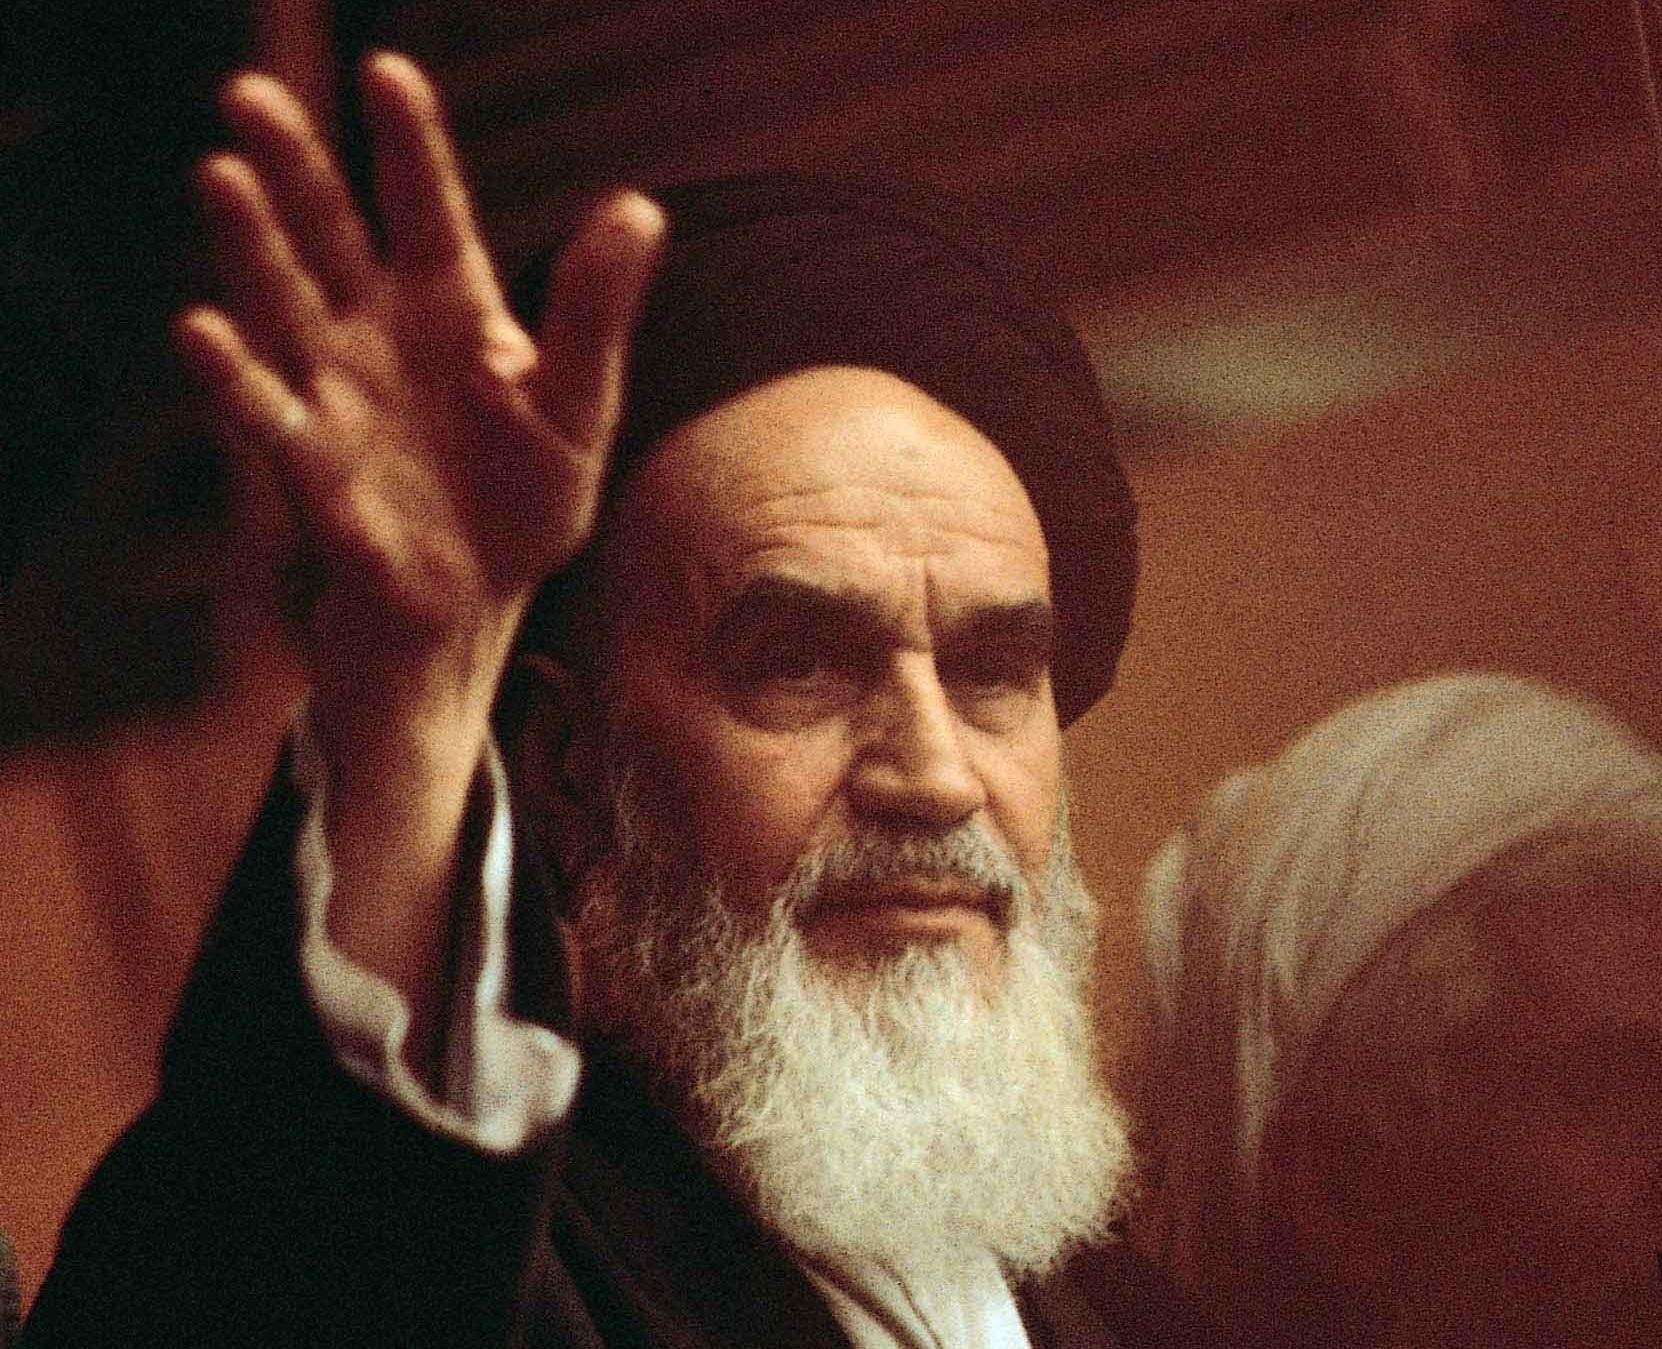 امام خمینی(ره): دولت و رئیس جمهور خدمتگزارند + فیلم